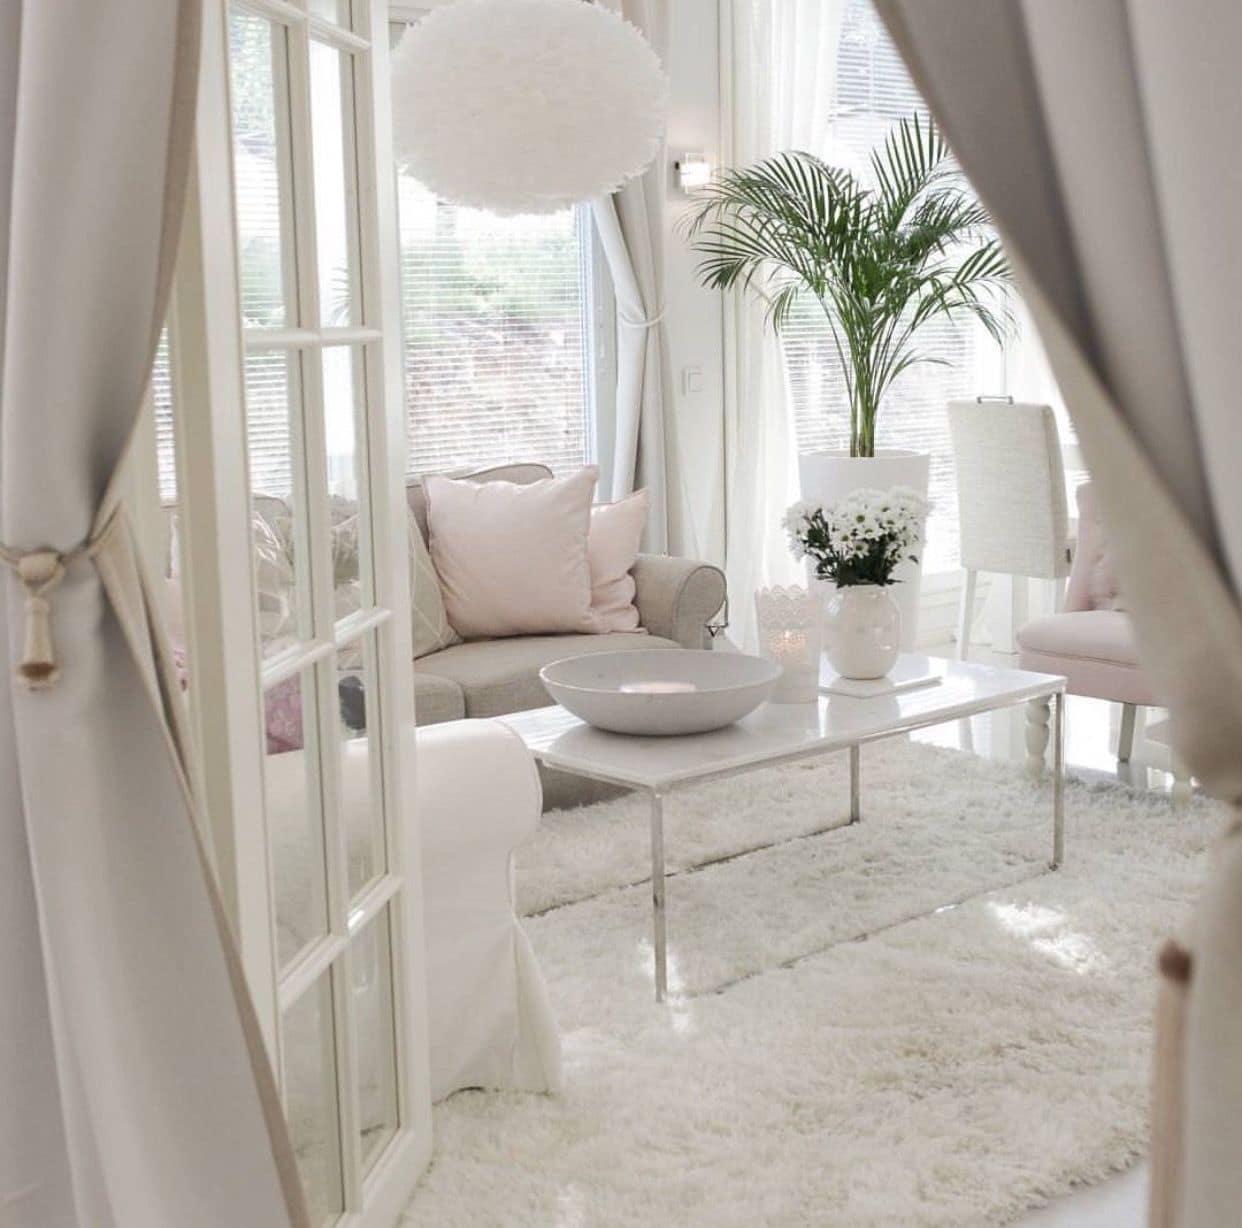 Пространство маленькой гостиной сможет увеличить светлый текстиль и мягкий ковер